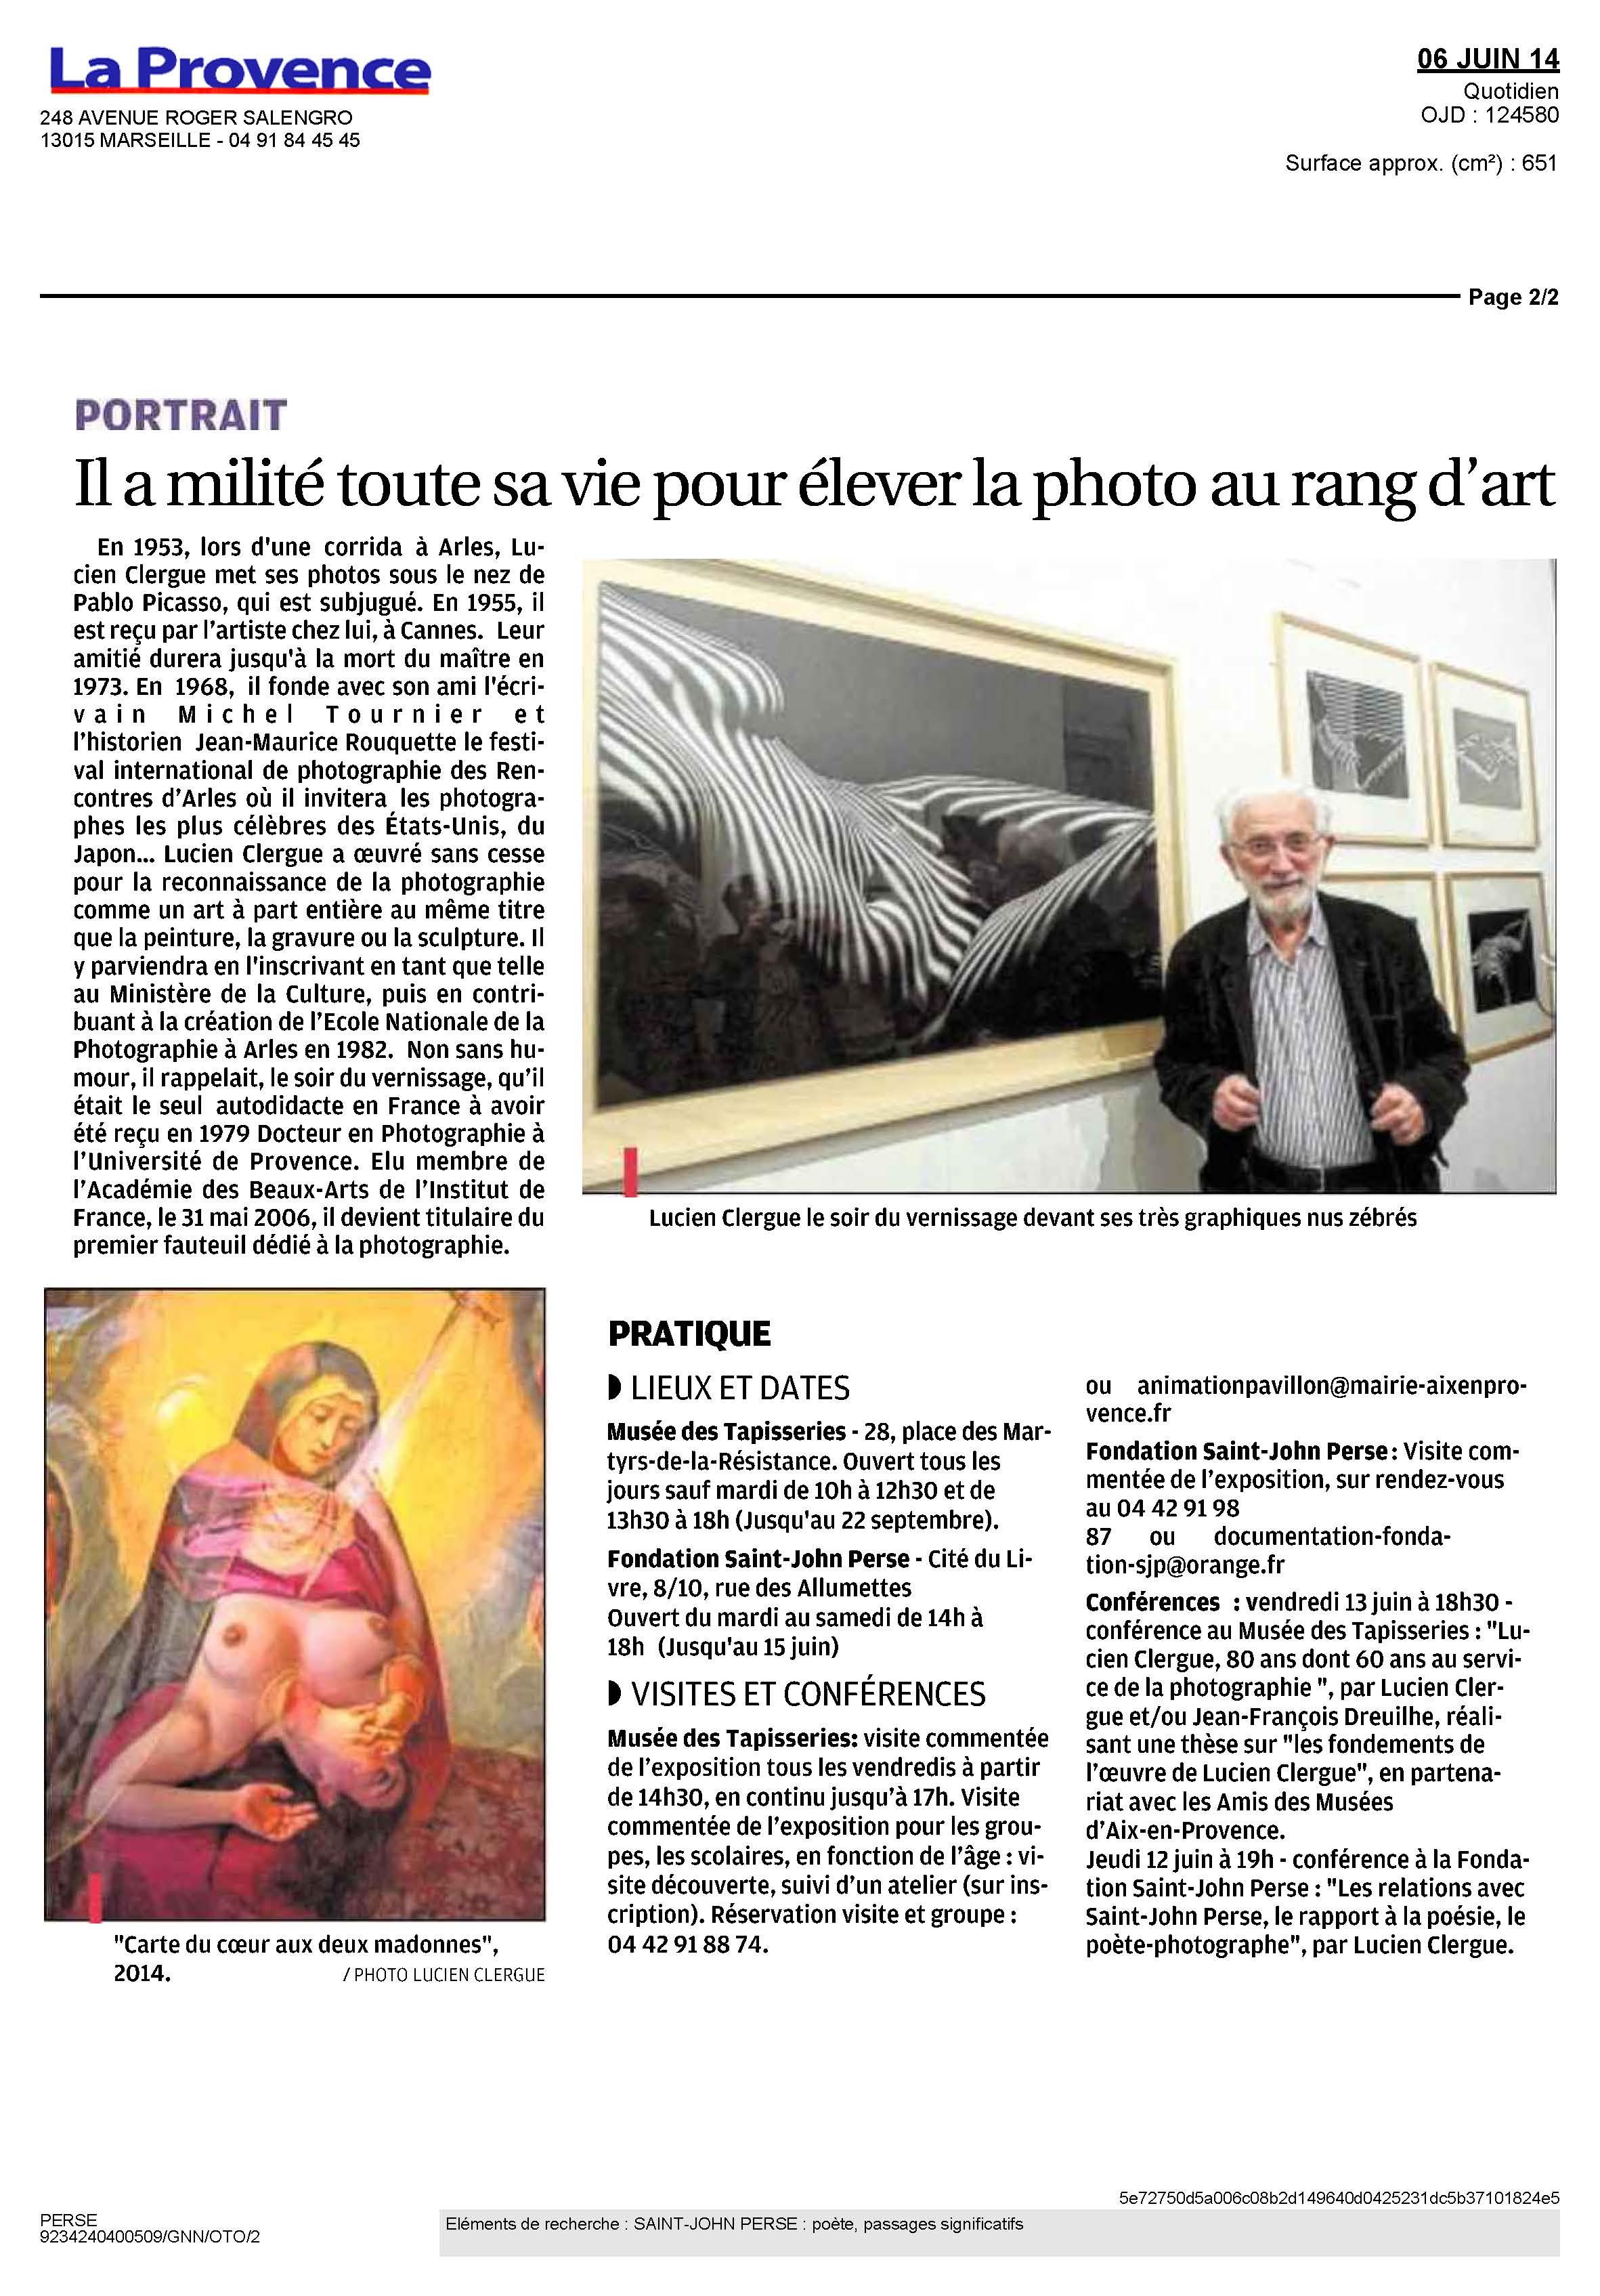 2014-06-06_LA_PROVENCE_Clergue_Page_2